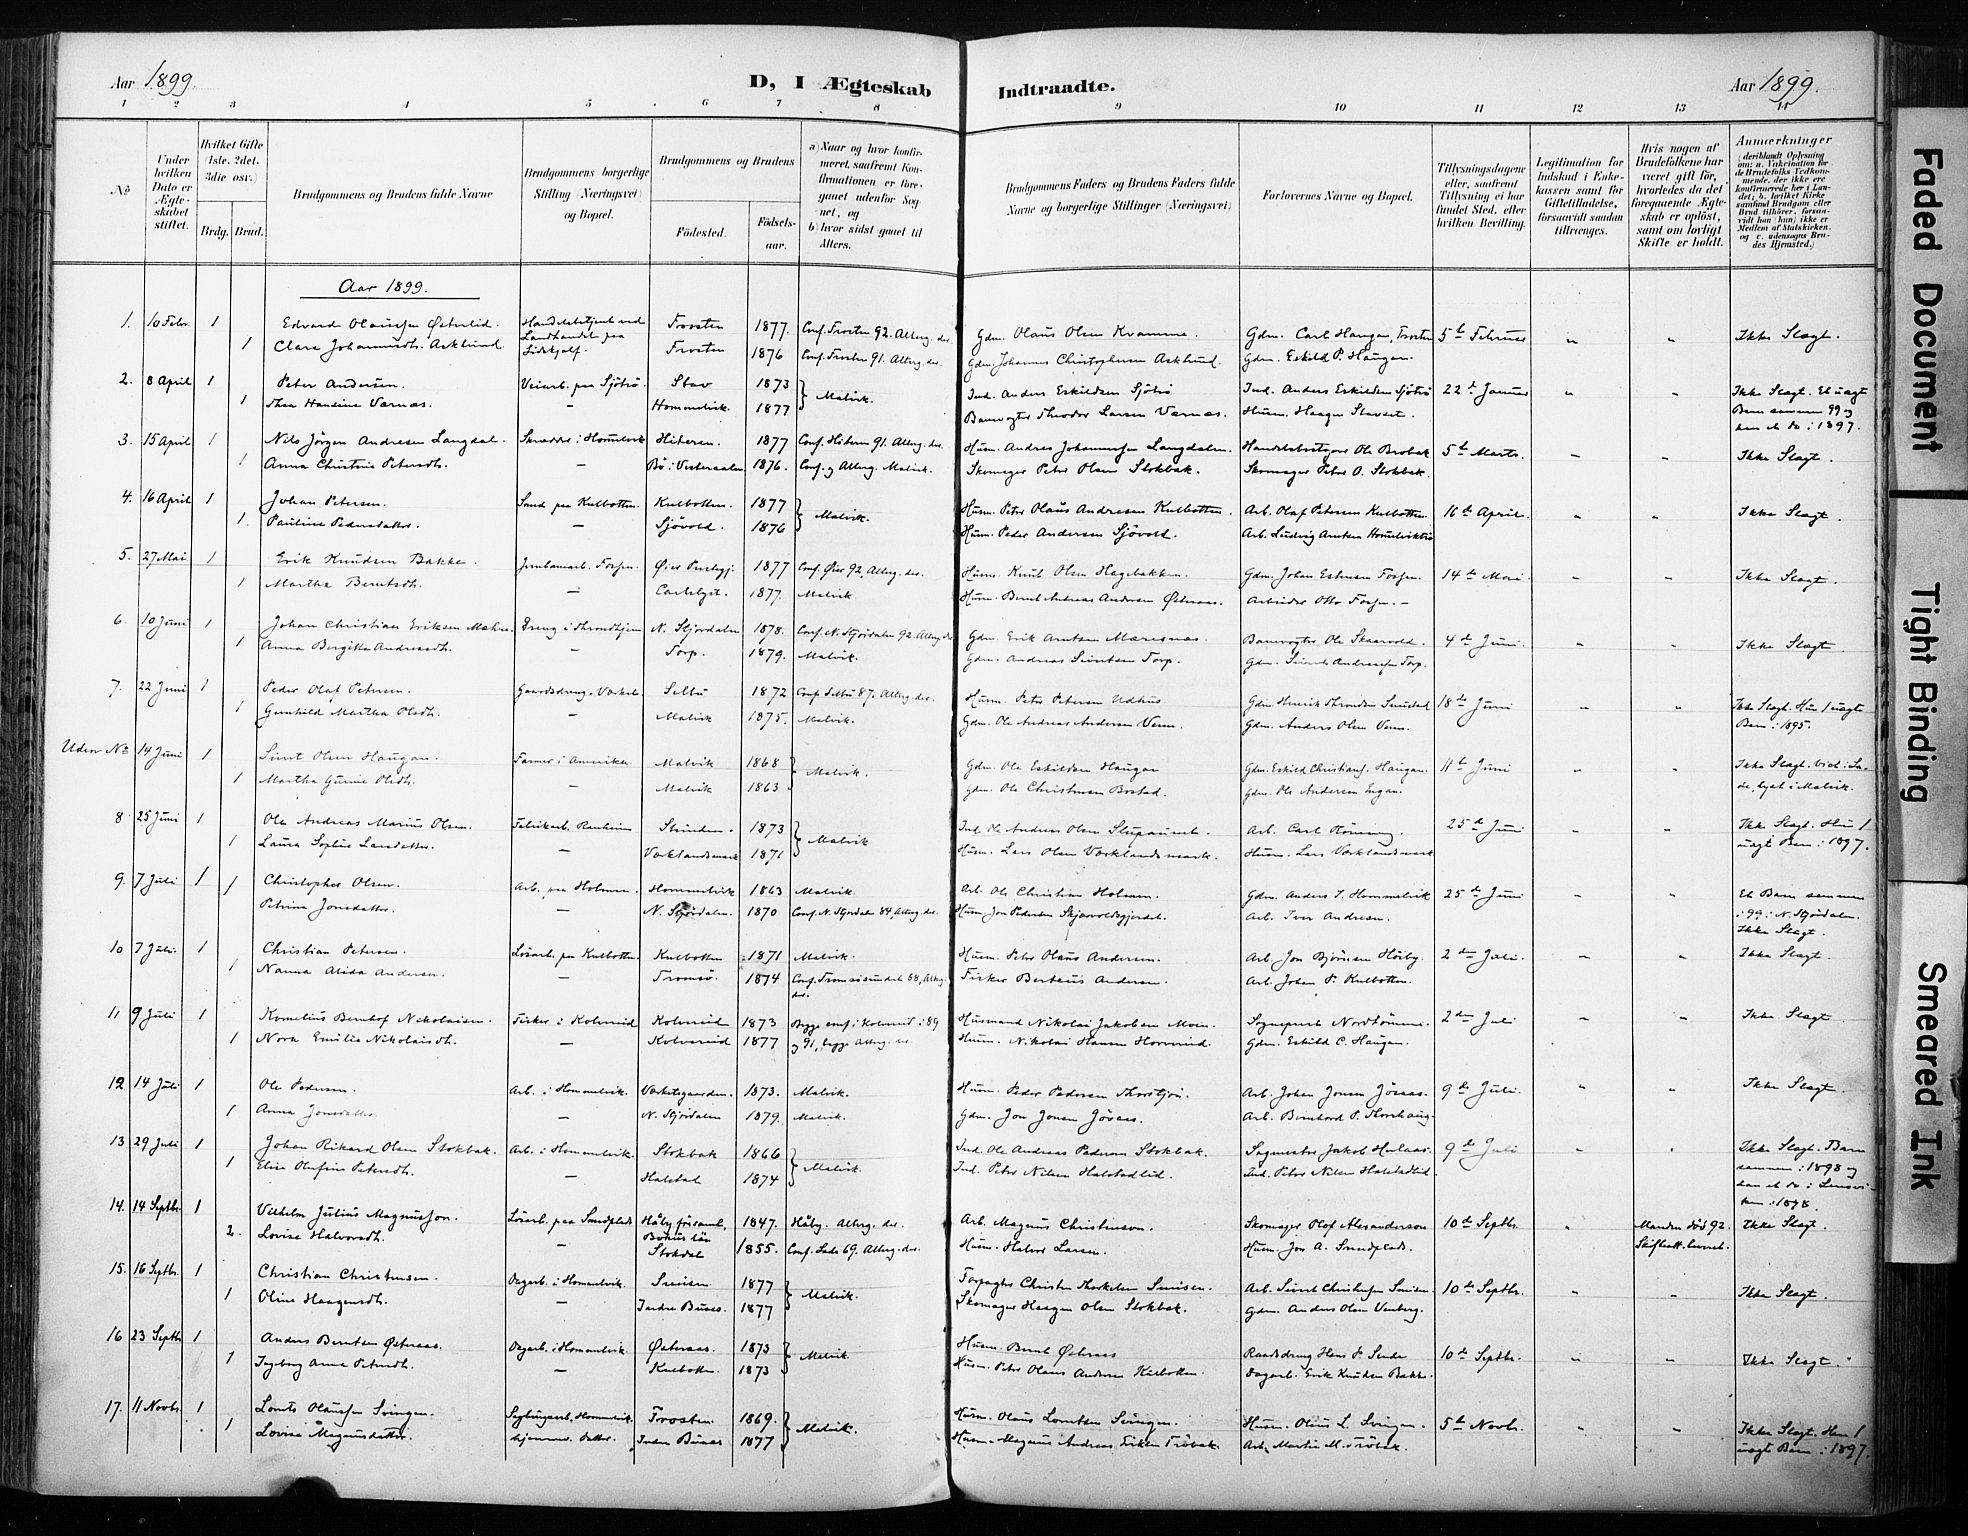 SAT, Ministerialprotokoller, klokkerbøker og fødselsregistre - Sør-Trøndelag, 616/L0411: Ministerialbok nr. 616A08, 1894-1906